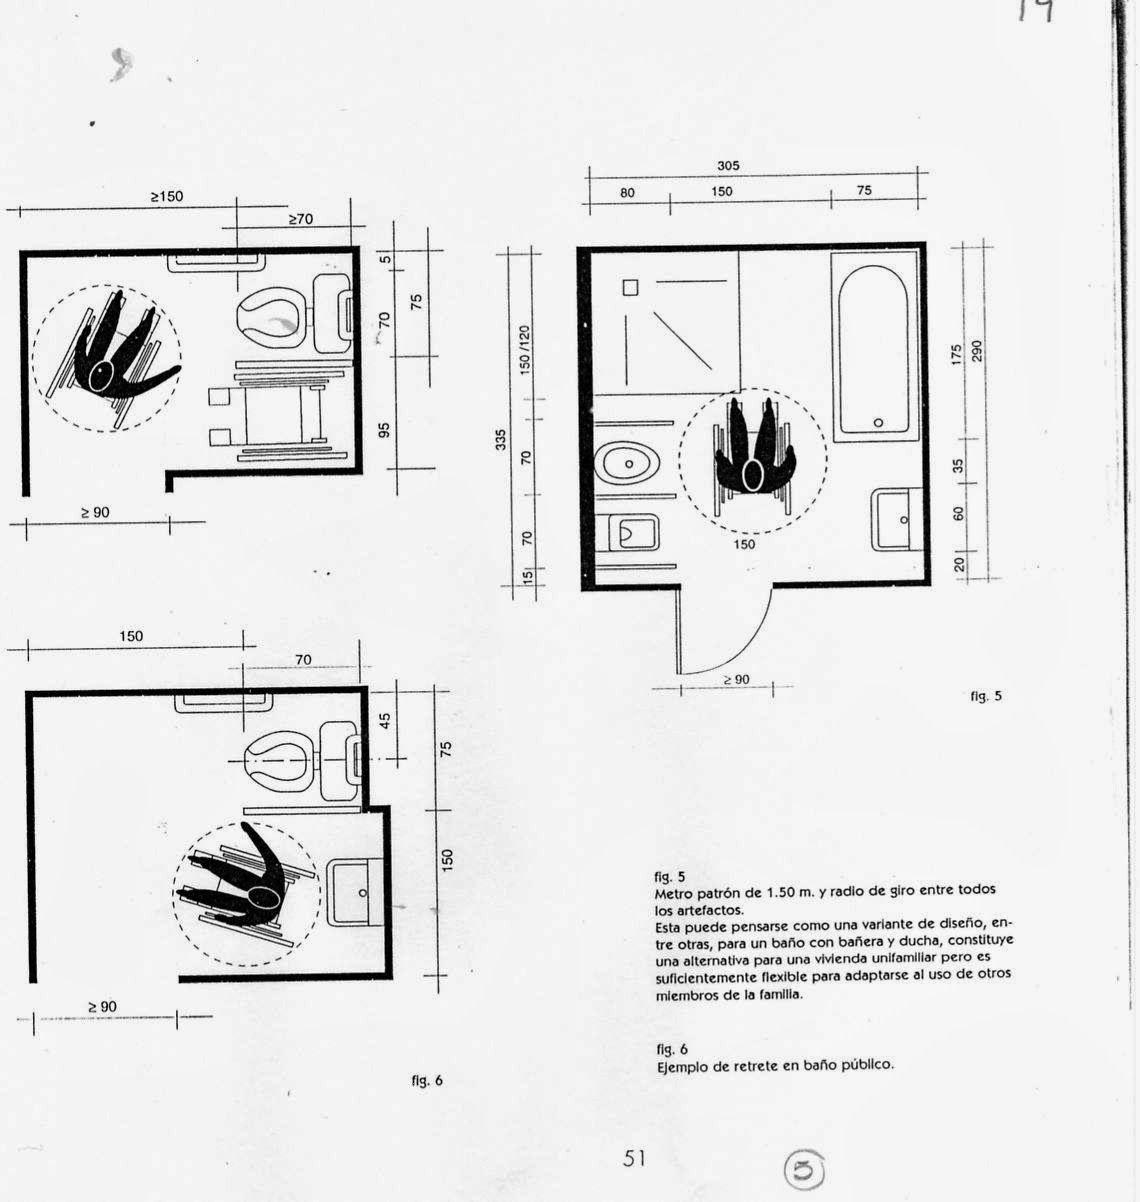 Accesibilidad para discapacitados arquitectura medidas for Medidas de muebles en planta